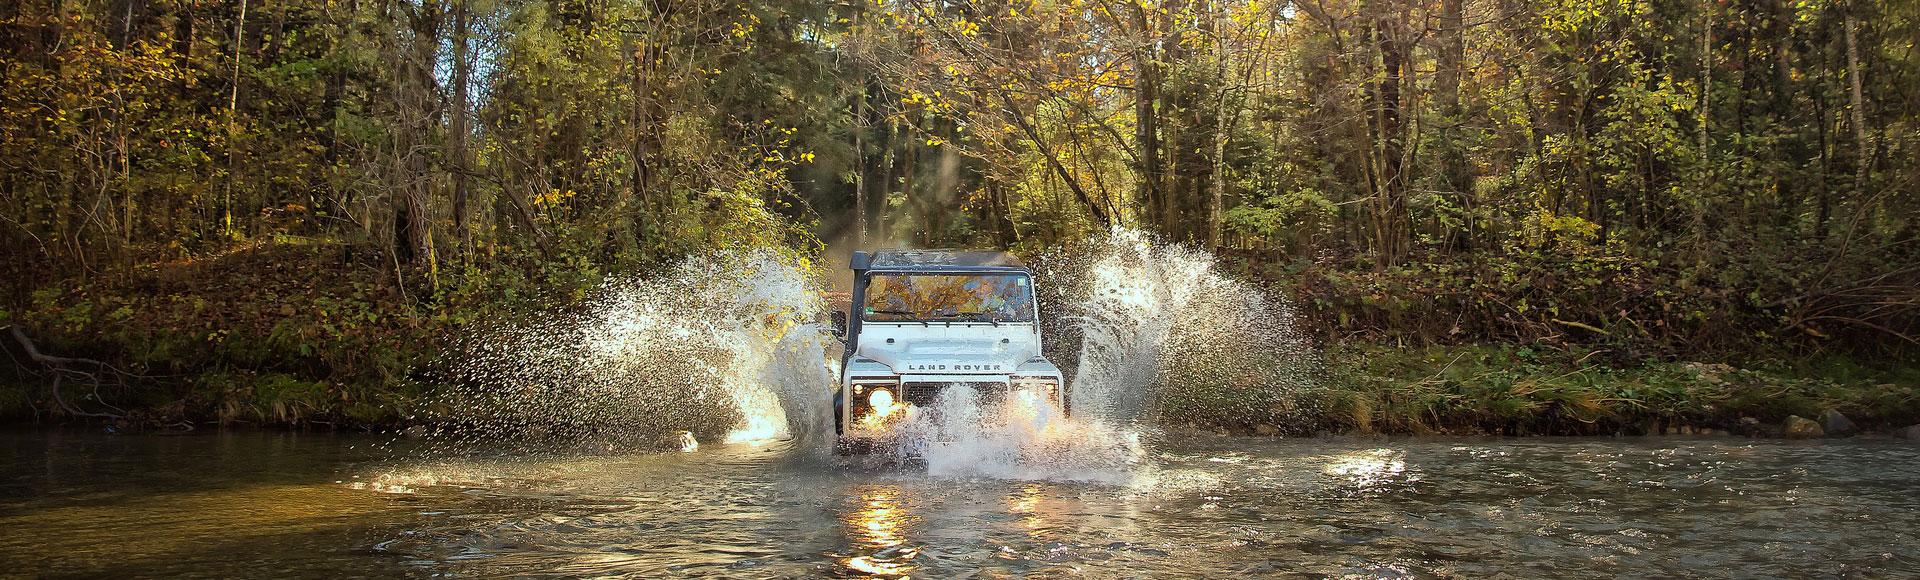 Land Rover Defender 2012 Herbst 998